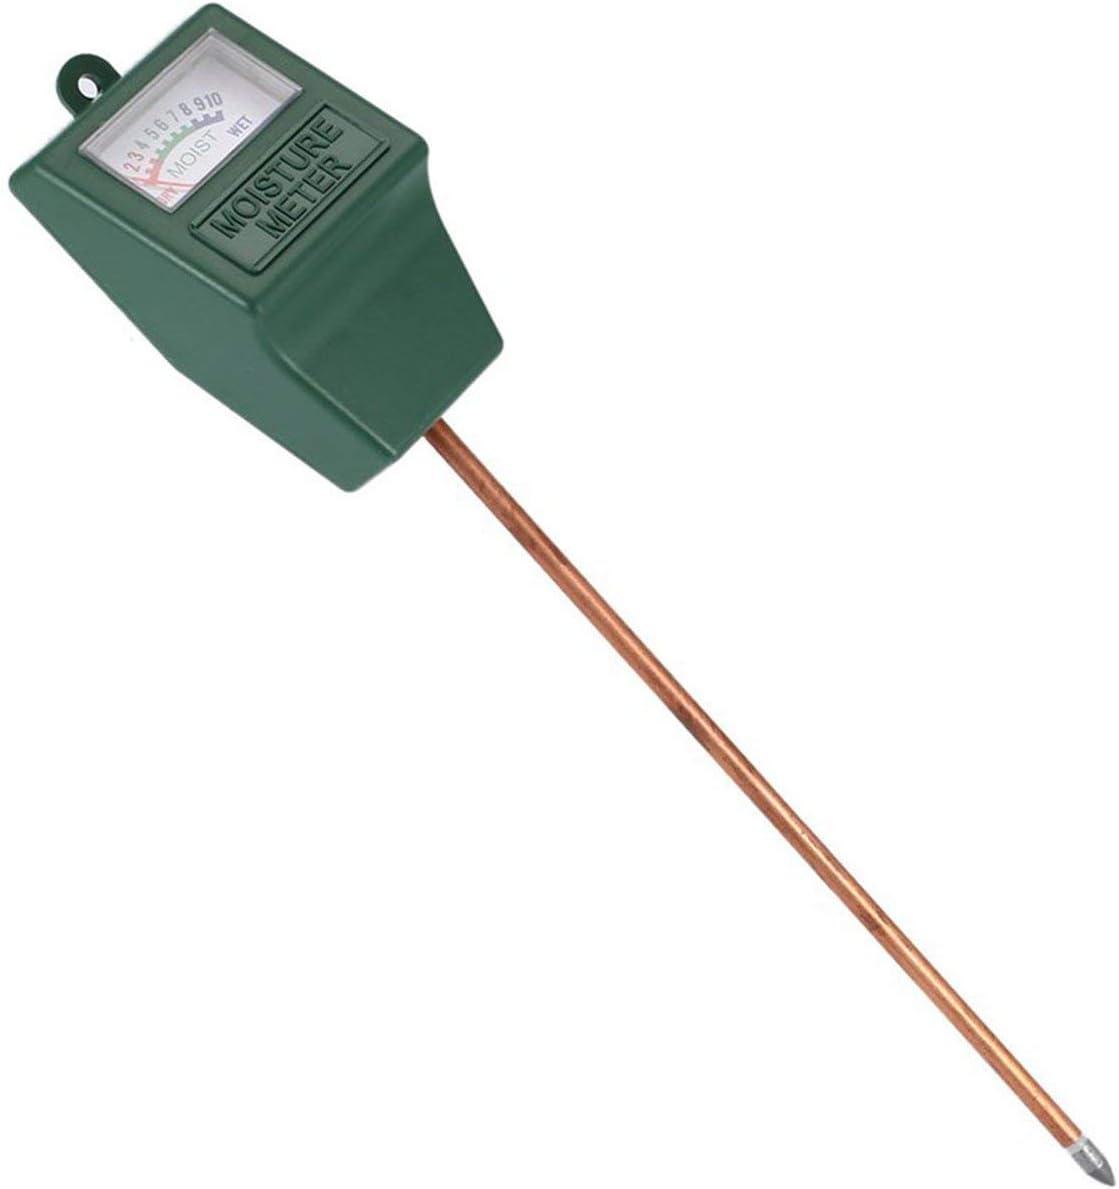 Timetided Higr¨®Metro de Suelo de una Sola Aguja, Detector de Suelo, medidor de Humedad del Suelo, probador de Suelo, medidor de pH para Plantas agr¨ªcolas, Flores